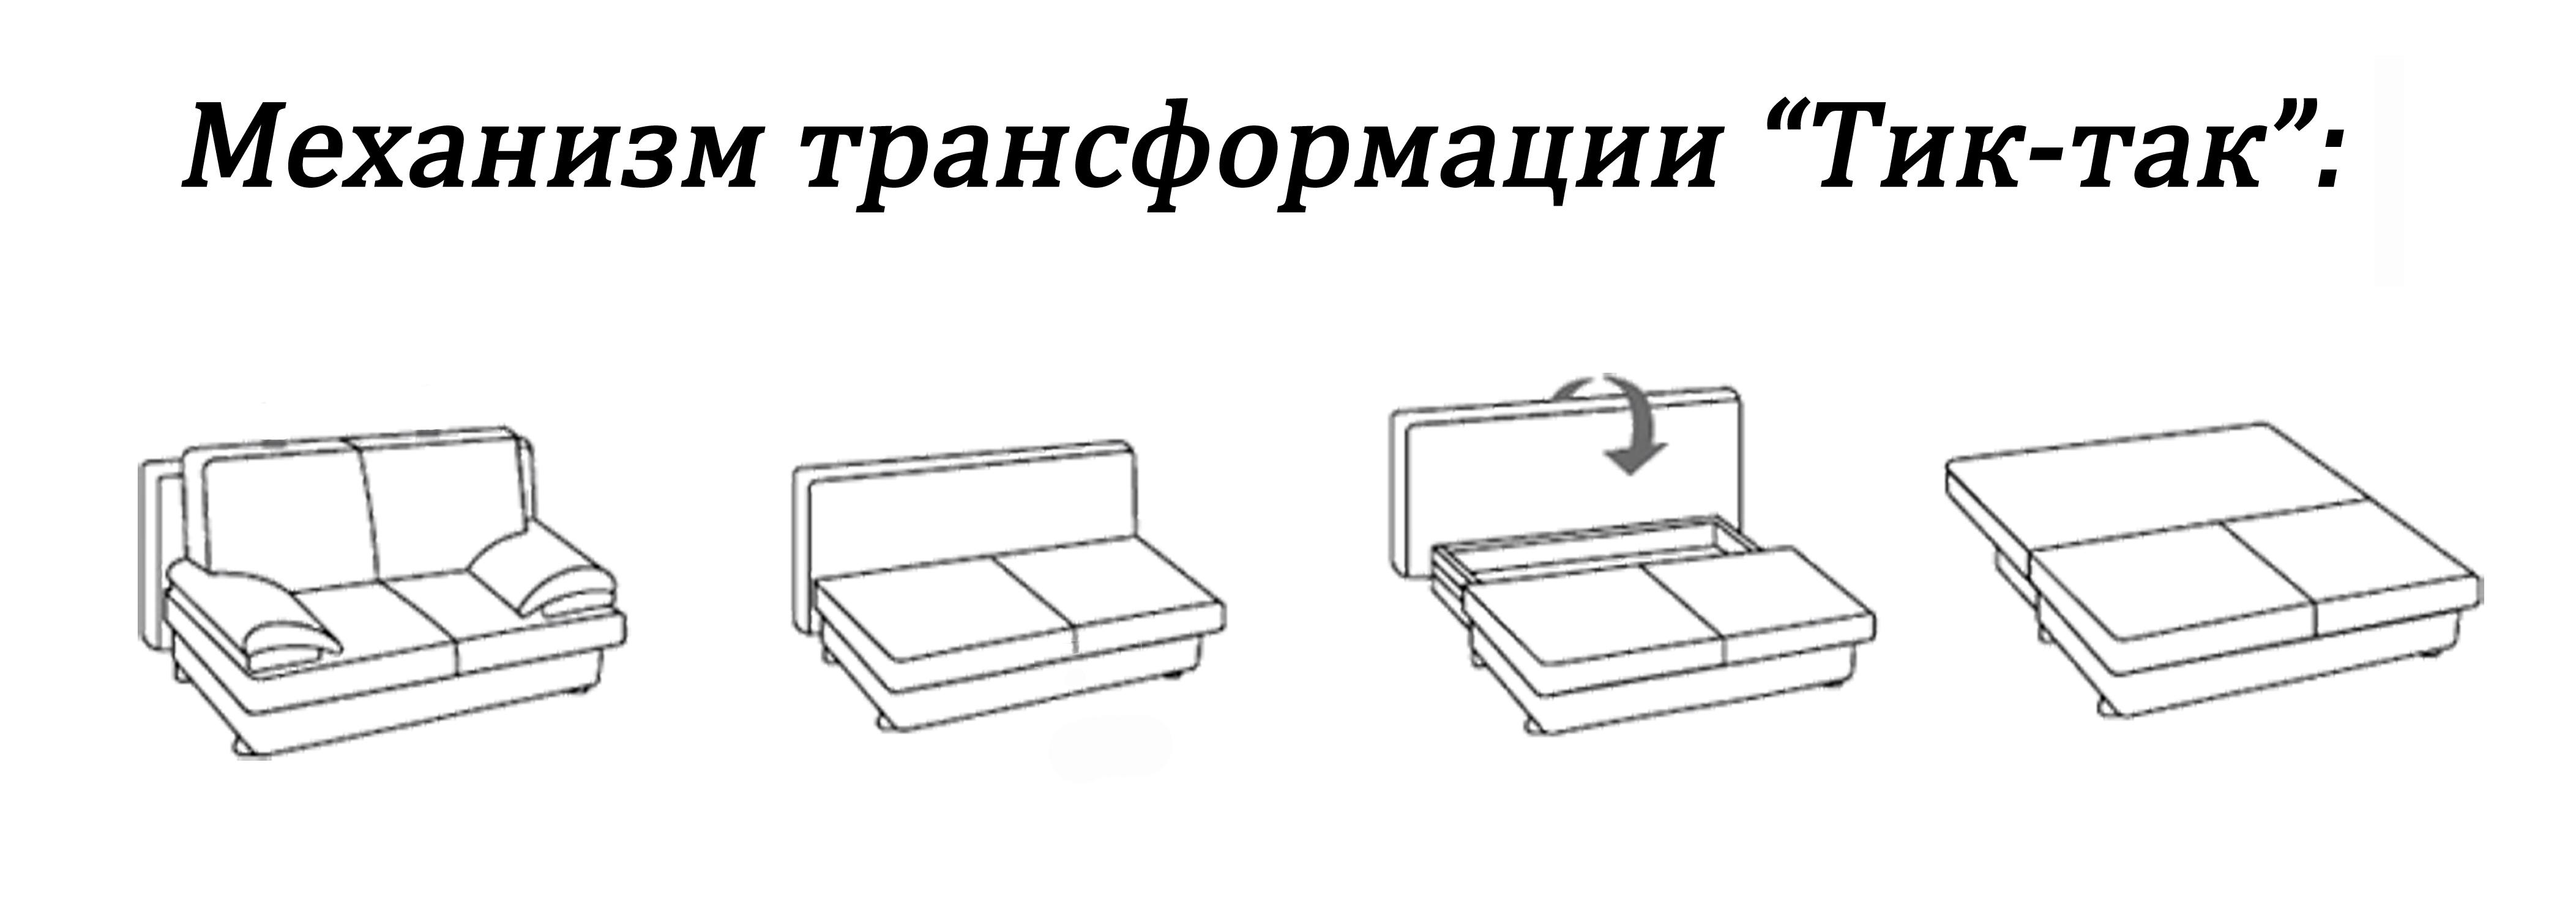 Схема механизма Тик -Так для трансформации дивана в спальное место